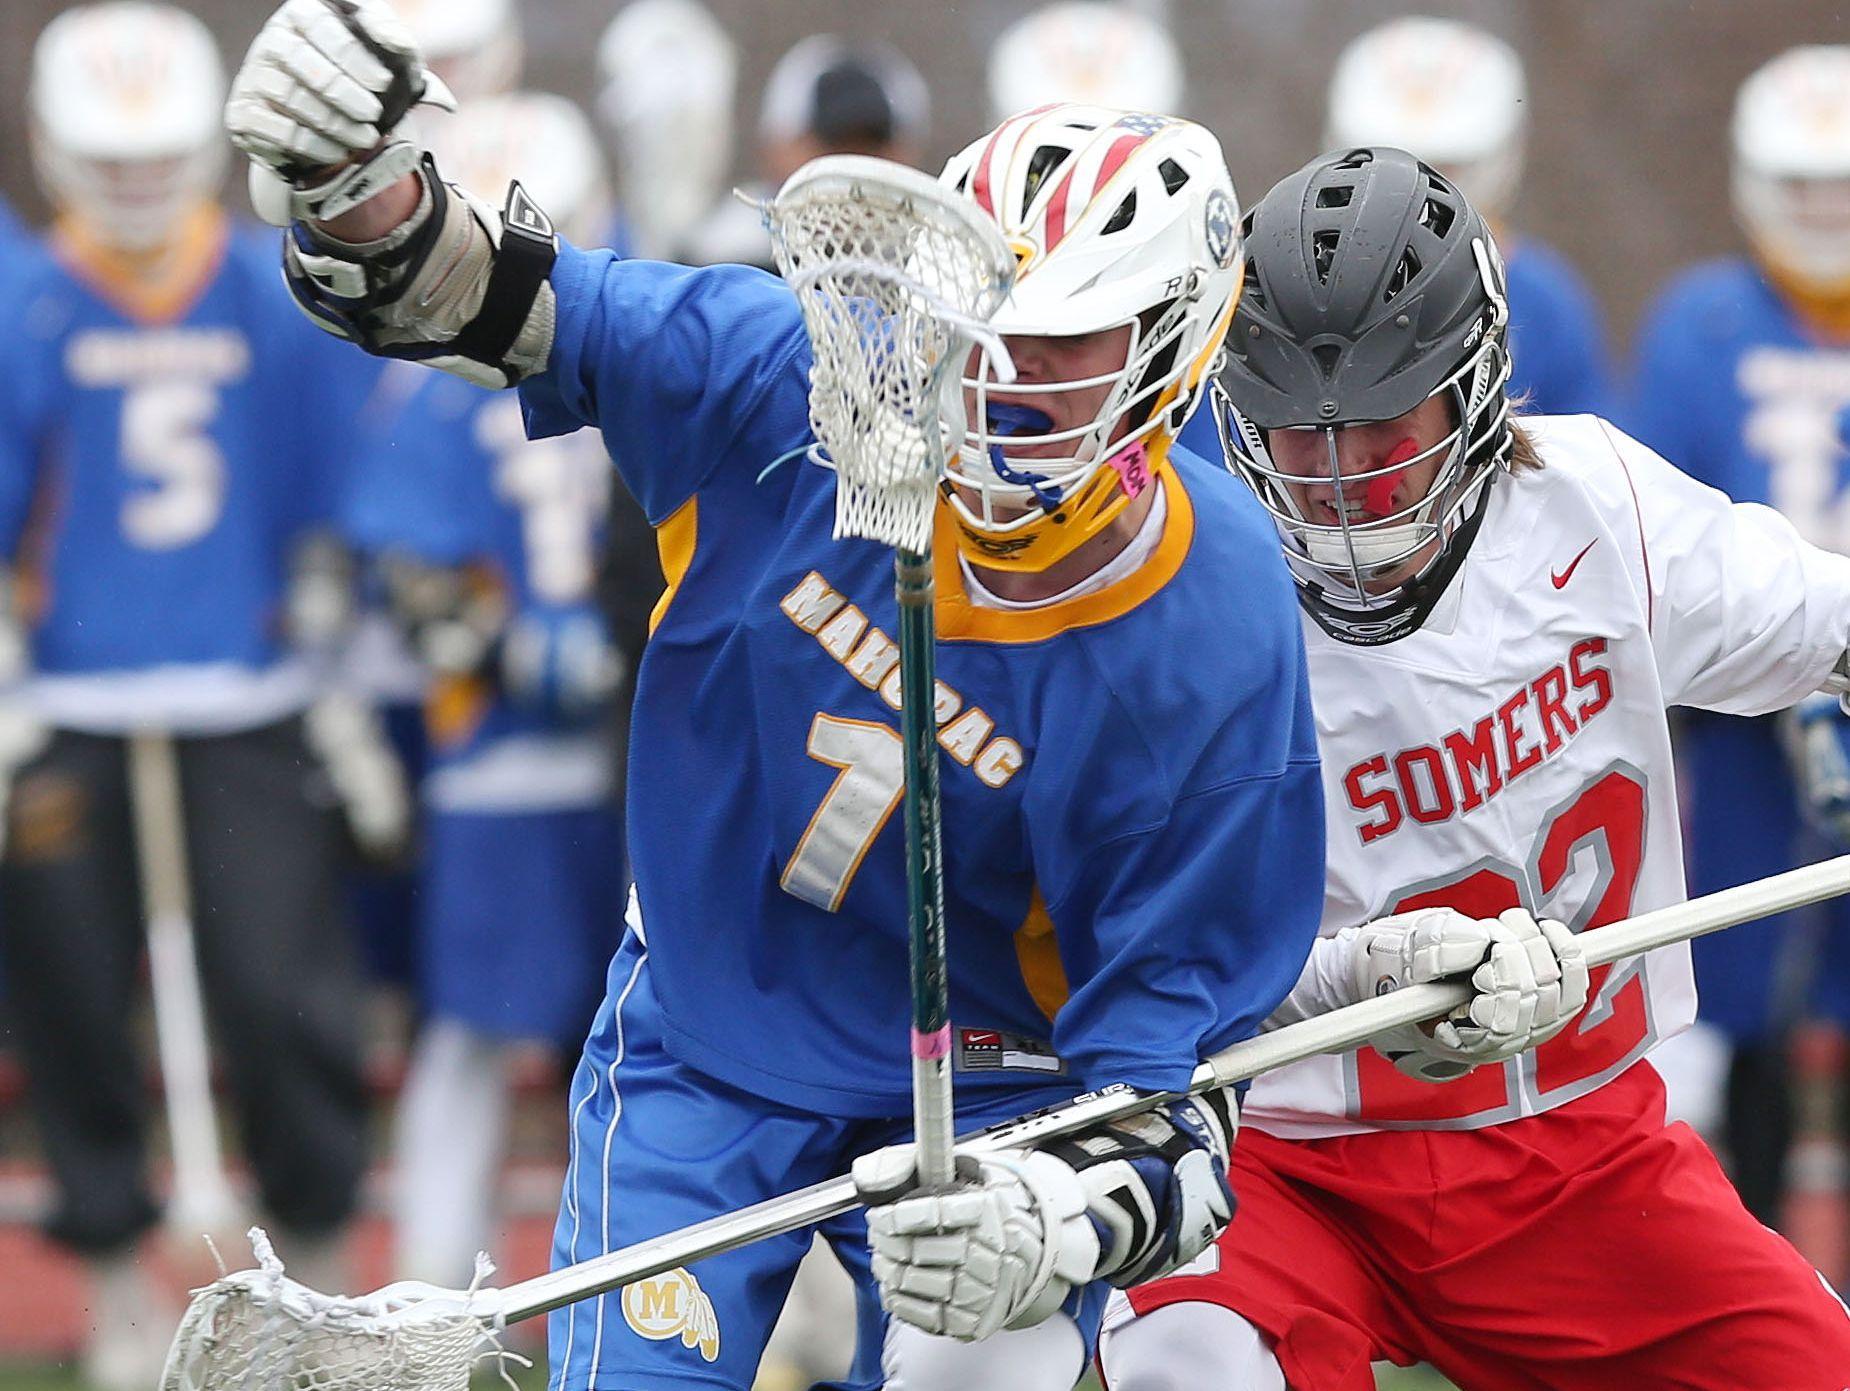 Somers boys lax vs Mahopac long stick.jpg